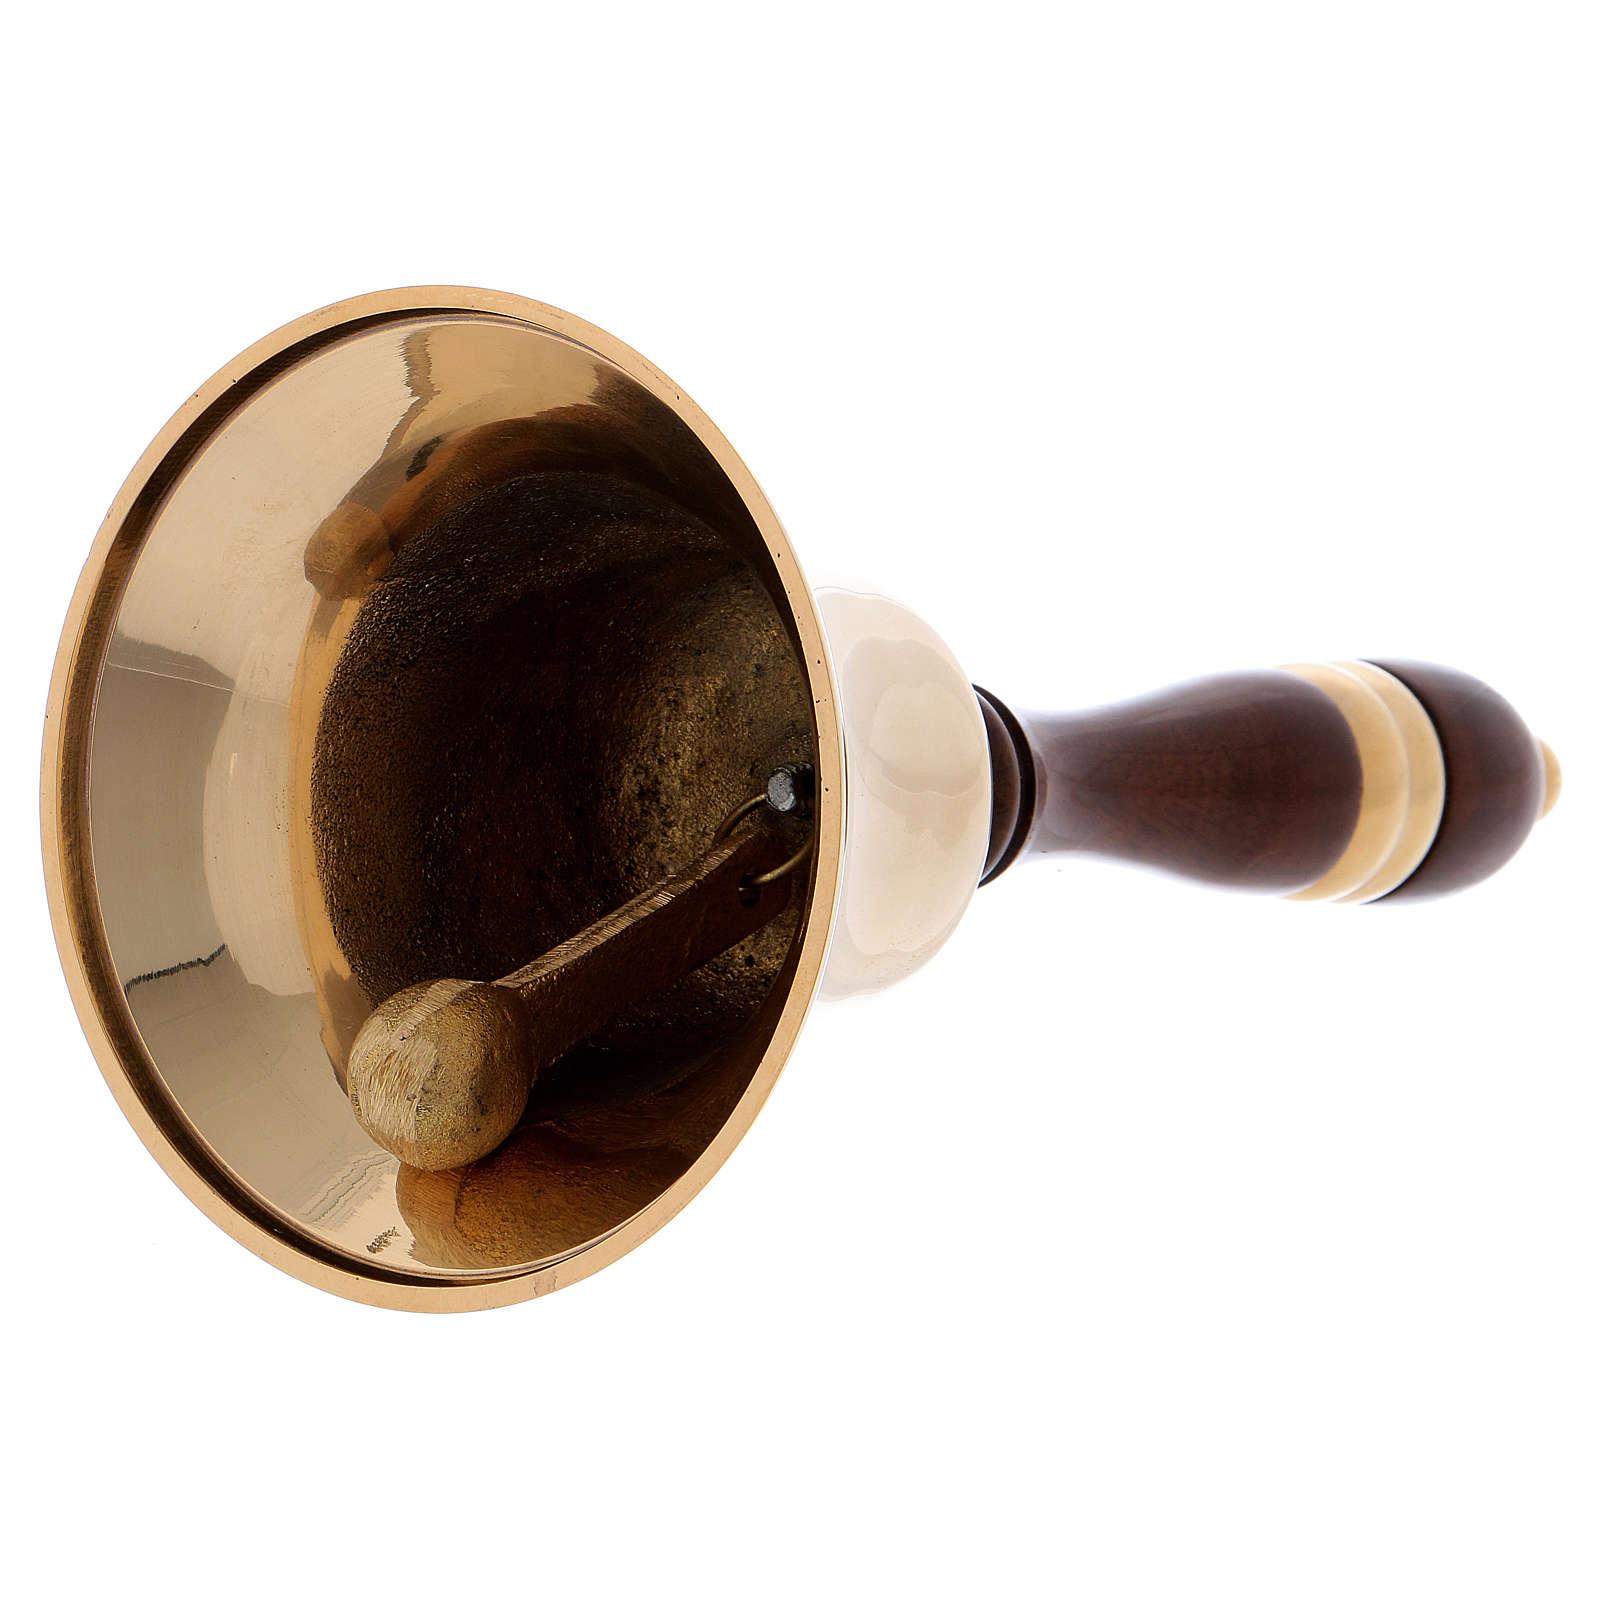 Campanello Liturgico ottone dorato e manico in legno 22 cm 3